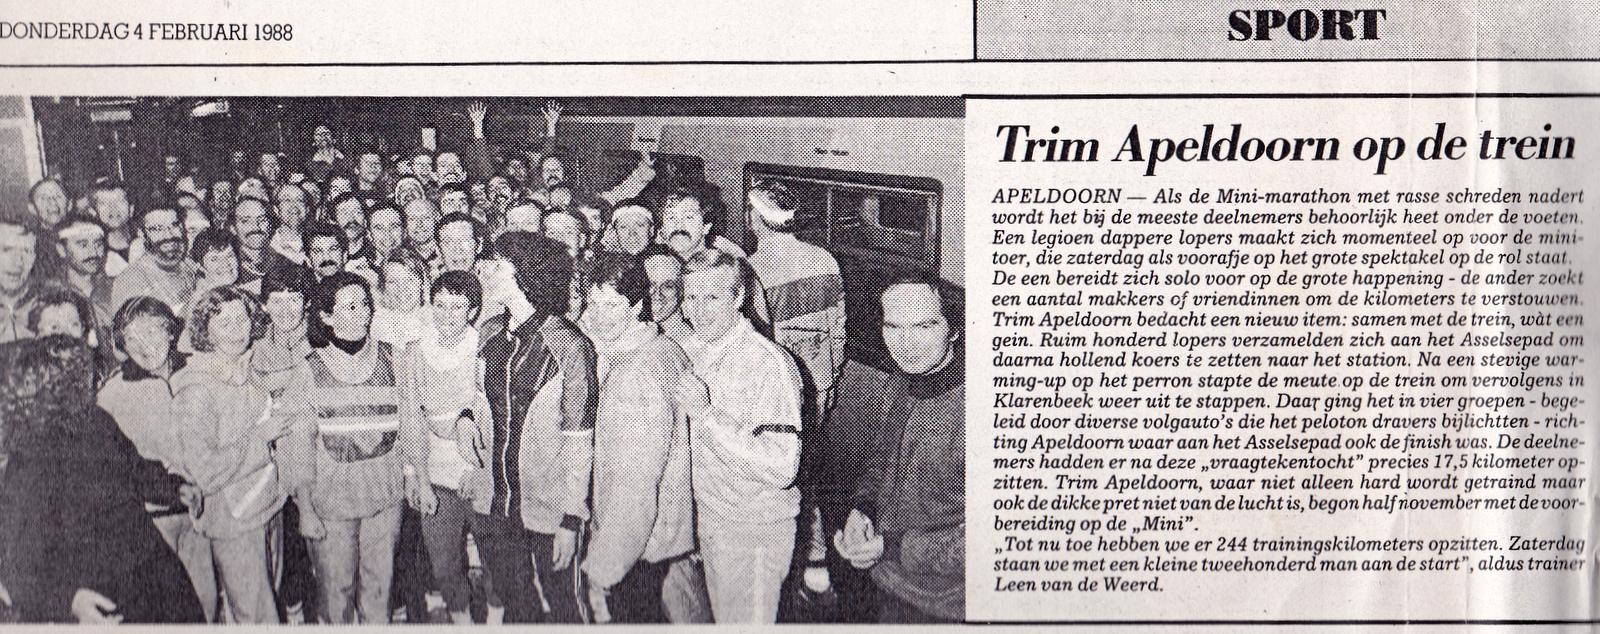 Vraagtekentocht met de trein in 1988